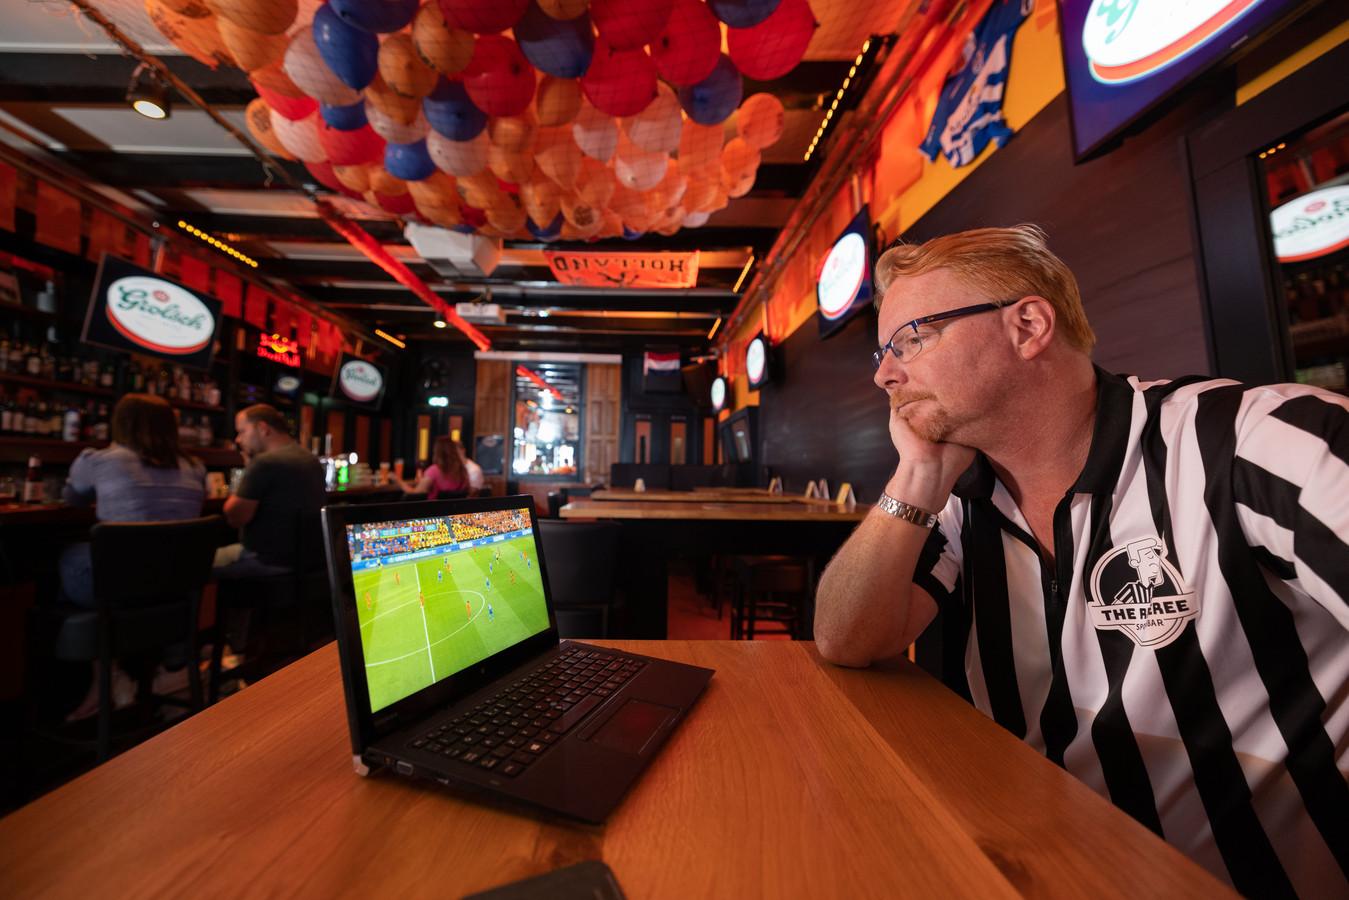 Op een laptop kijkt Mark Betting naar Nederland - Oekraïne. In zijn sportsbar in Zwolle mogen de grote schermen niet aan.